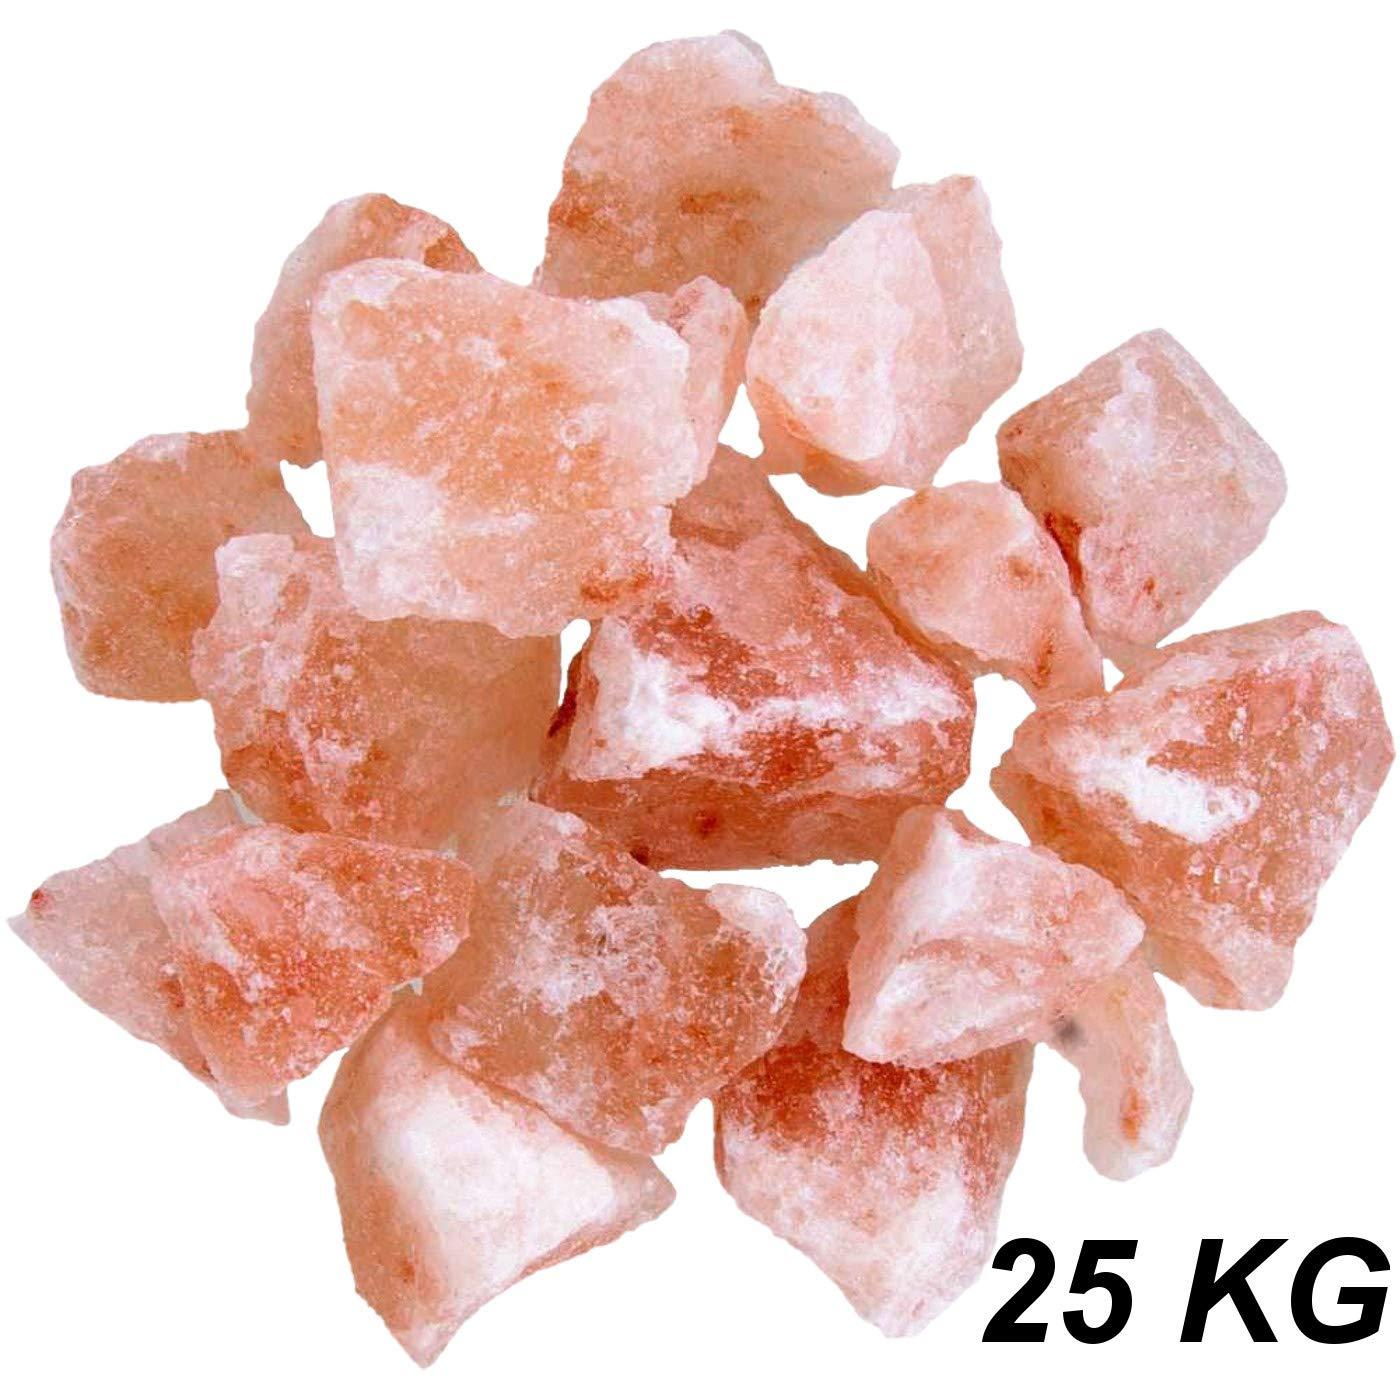 Salzsole Kristallsalz Brocken 1-25 KG gemischt 3-12 cm Salzstein Sauna Saunaaufgü sse Salz Sole aus Khewra sü dlich des Himalaya (25 KG) RMY International RMY-206